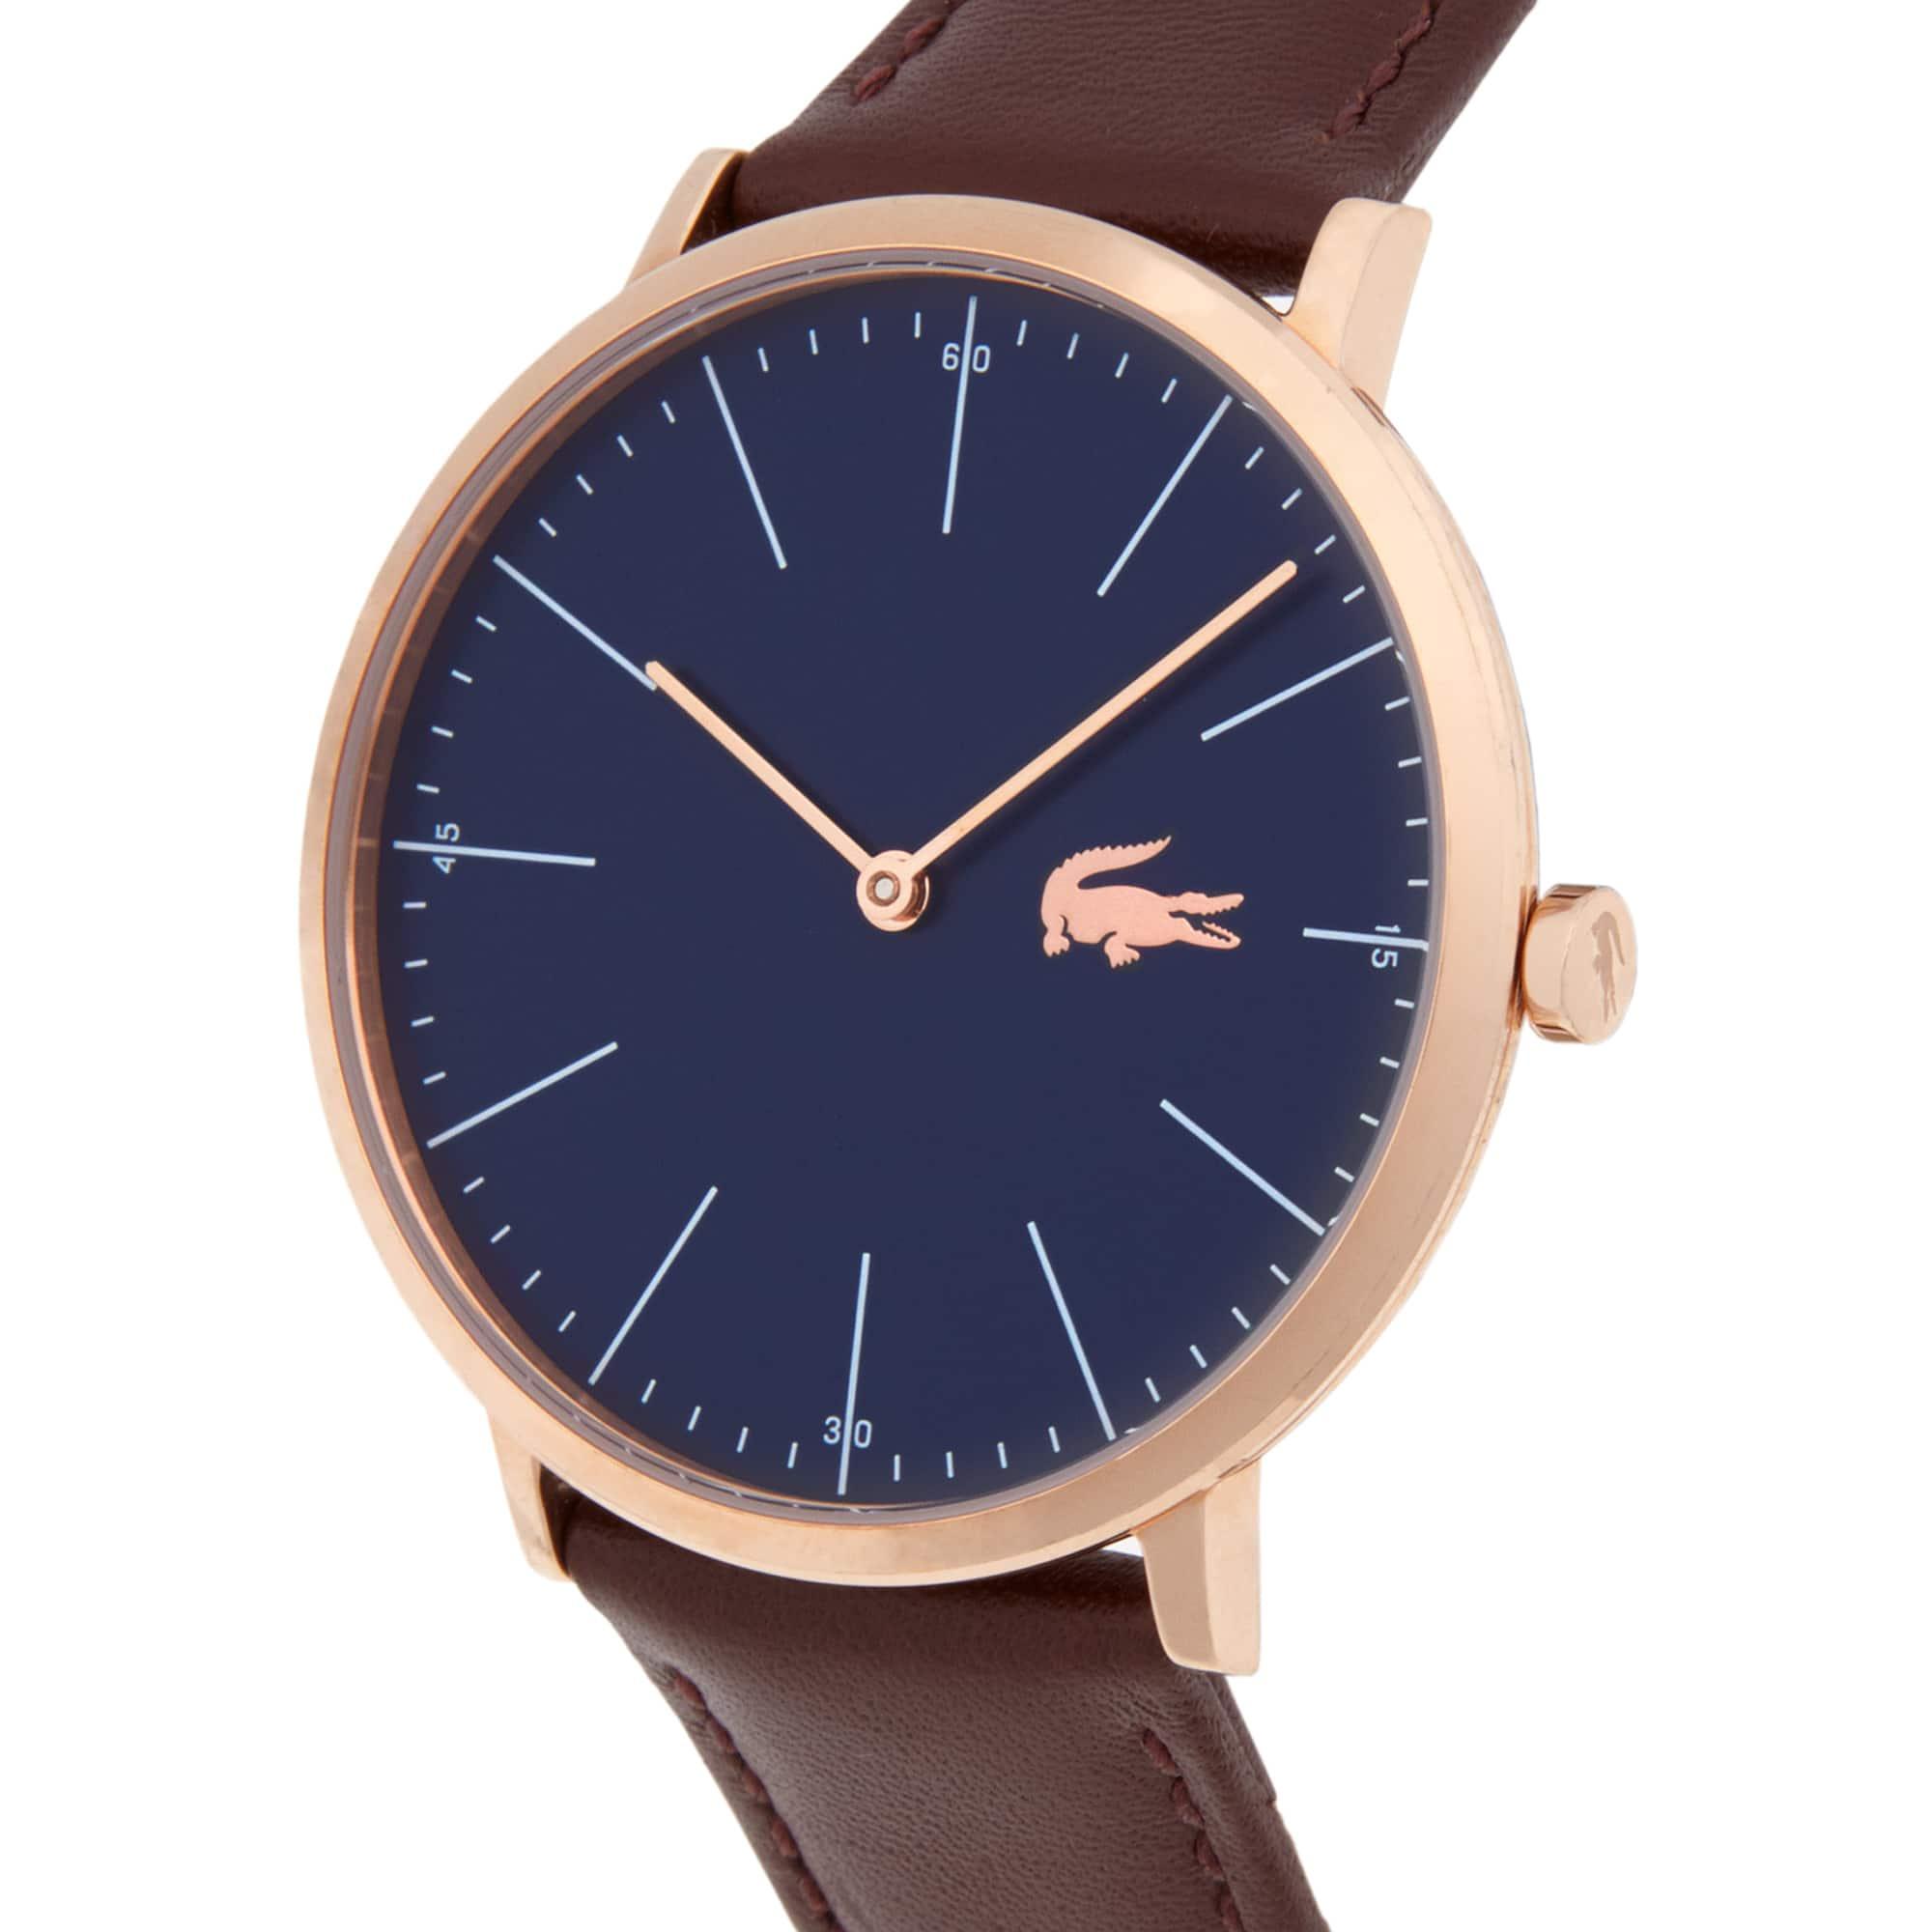 Moon Horloge Extra plat Navy blauwe wijzerplaat en Bruine leren band